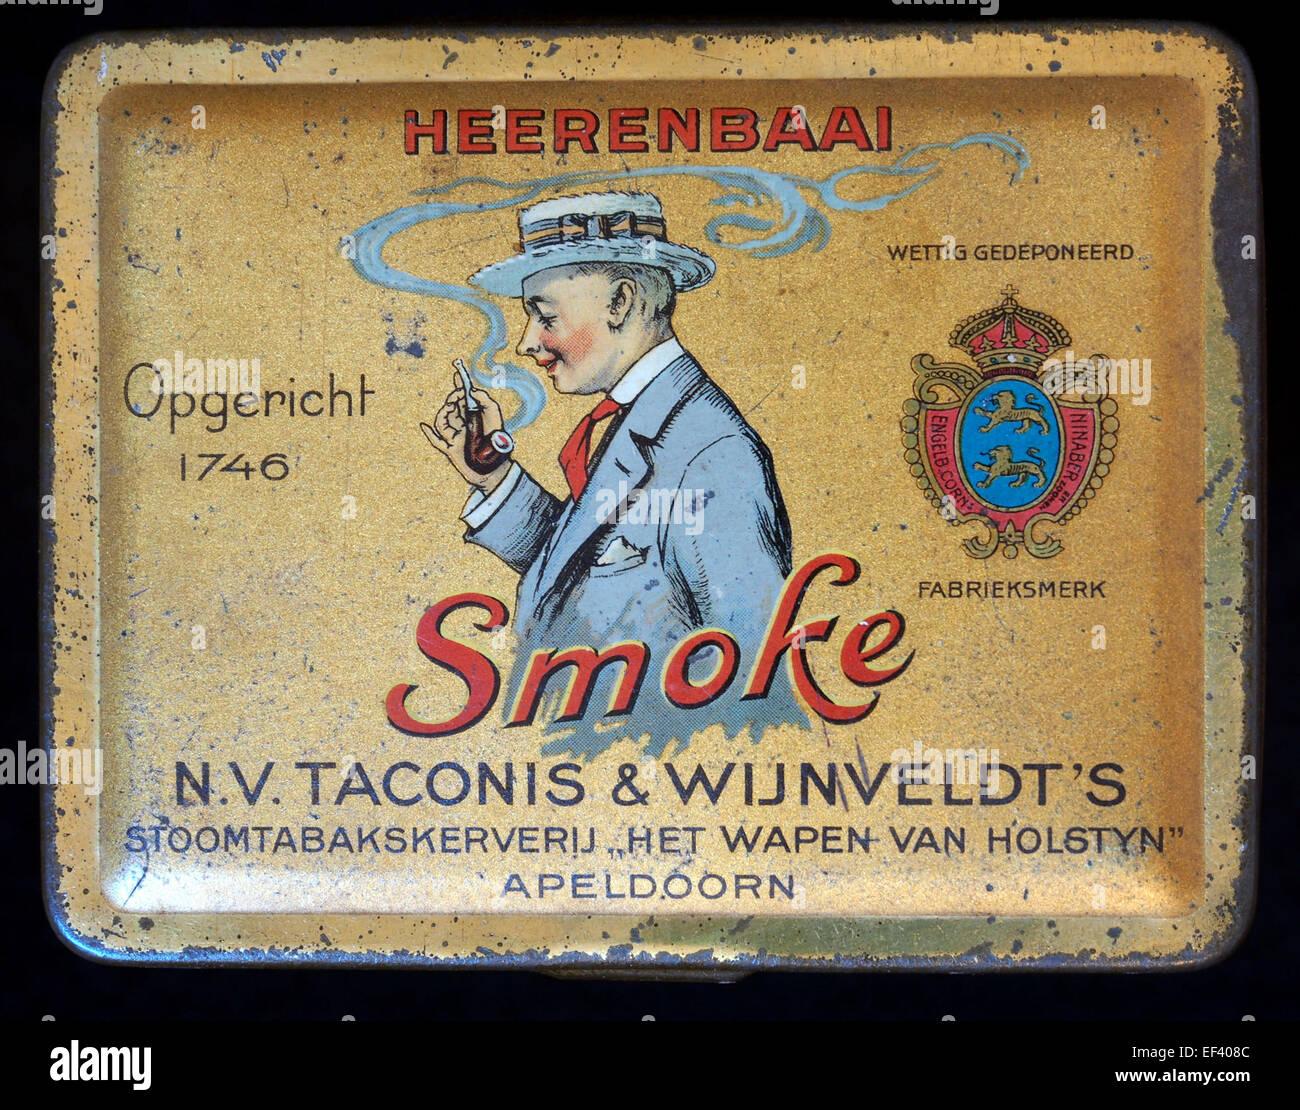 Smoke Heerenbaai, NV Taconis & Wijnveldts tabaksblikje - Stock Image